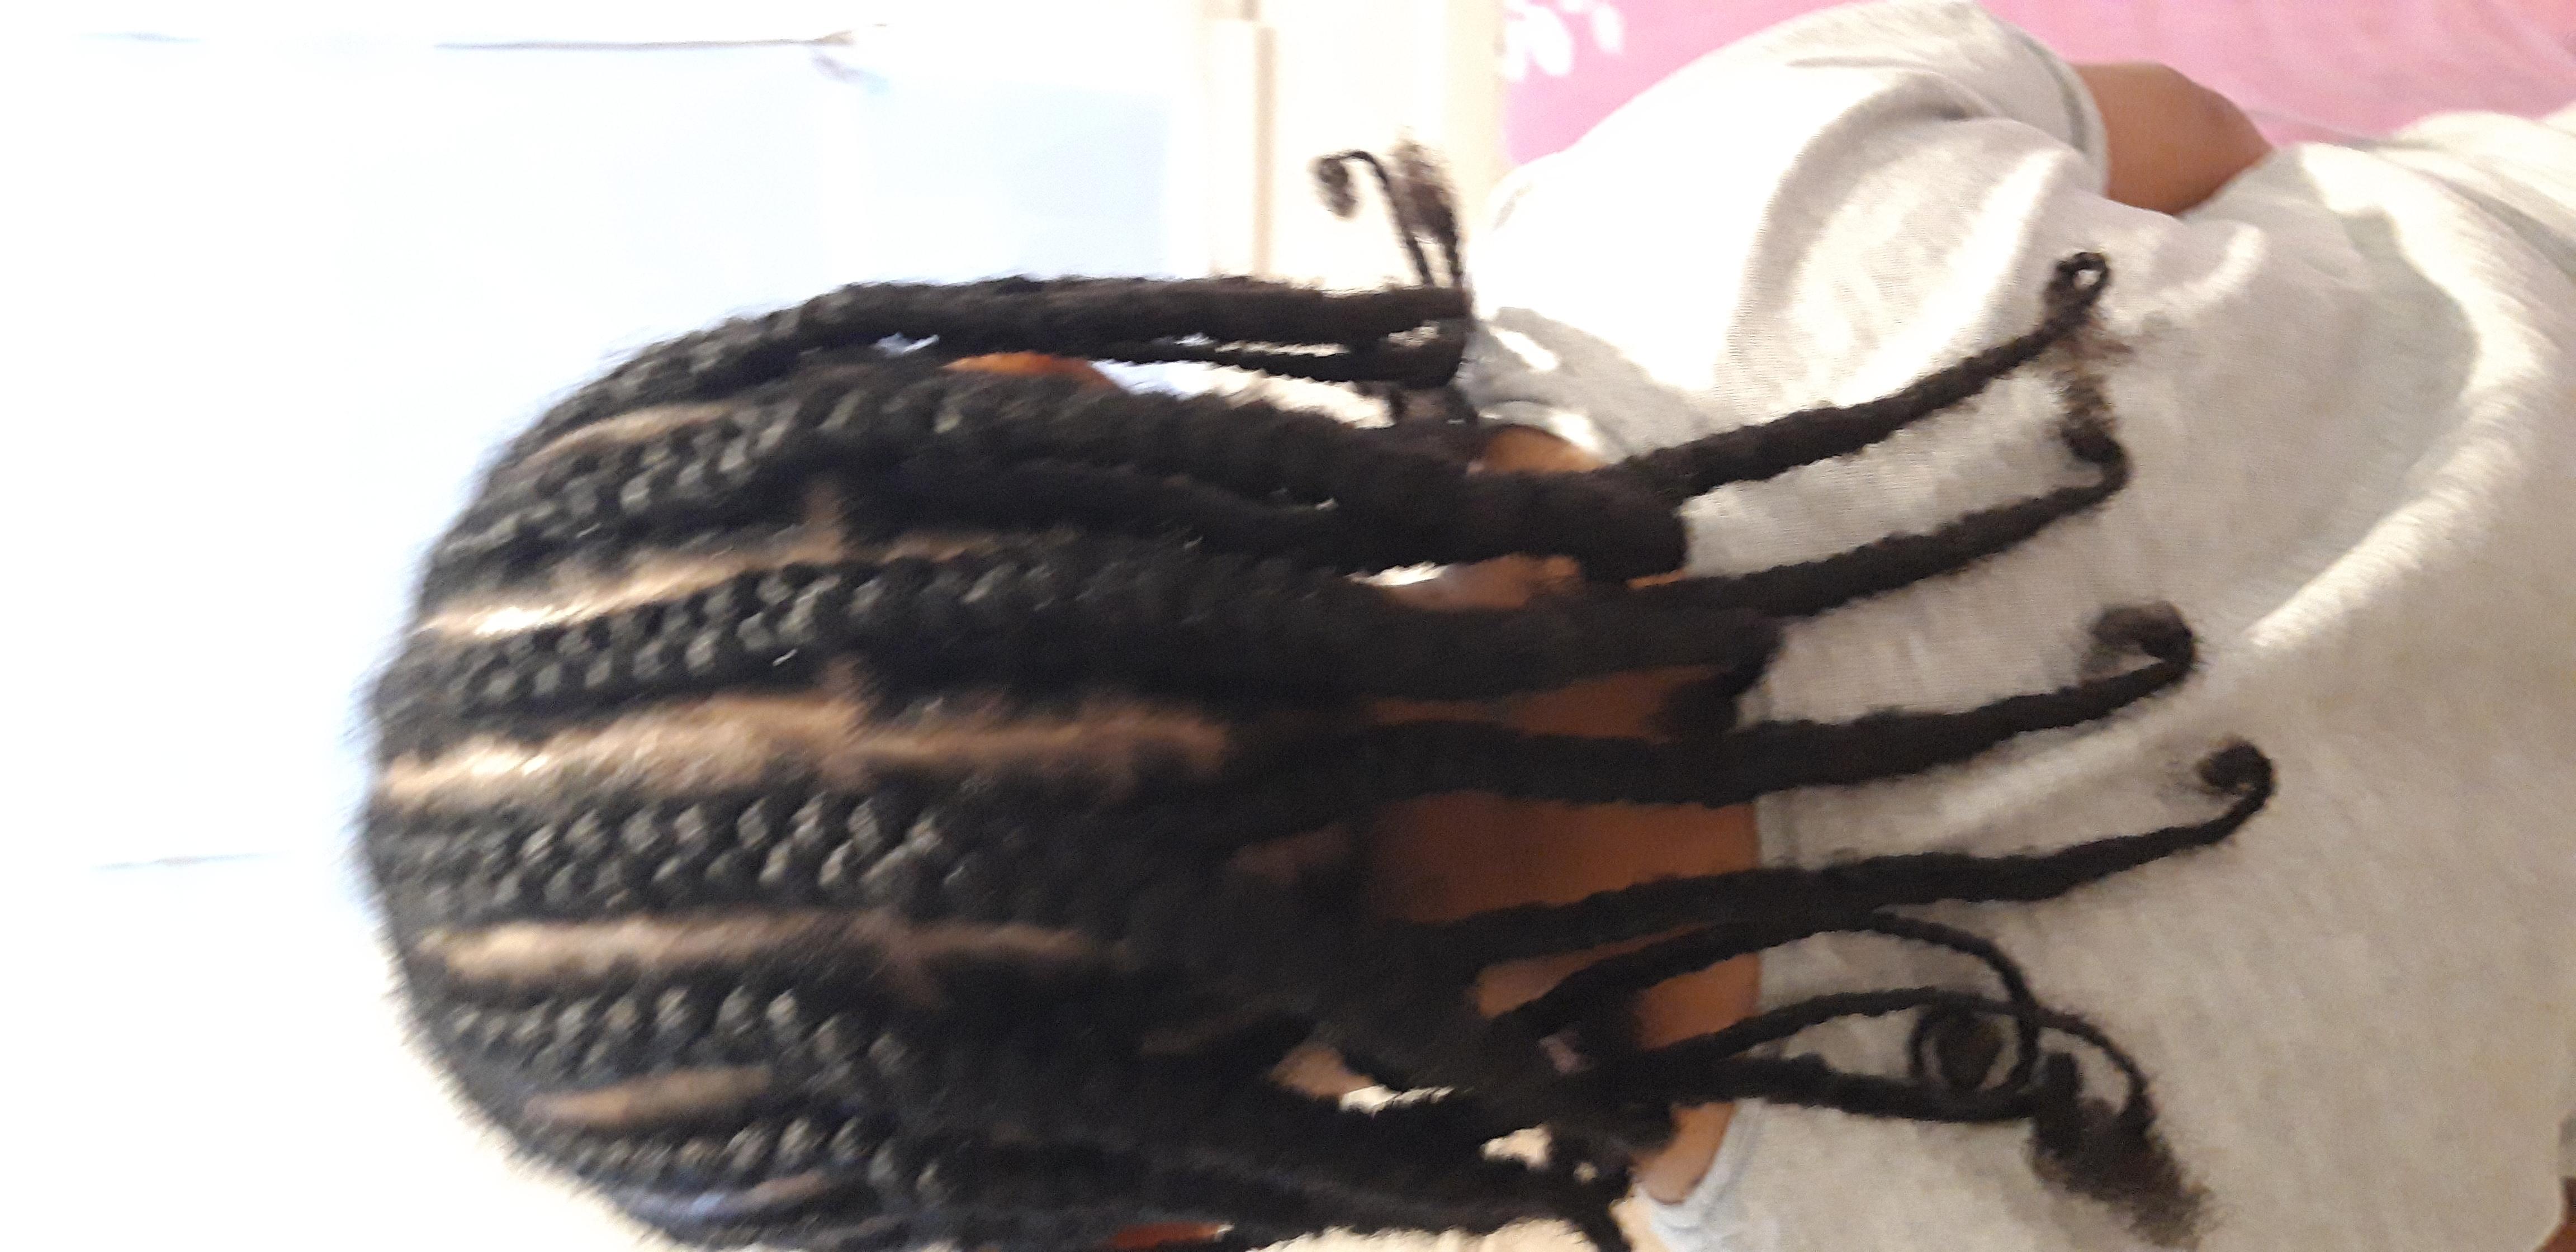 salon de coiffure afro tresse tresses box braids crochet braids vanilles tissages paris 75 77 78 91 92 93 94 95 YFAEUUWB